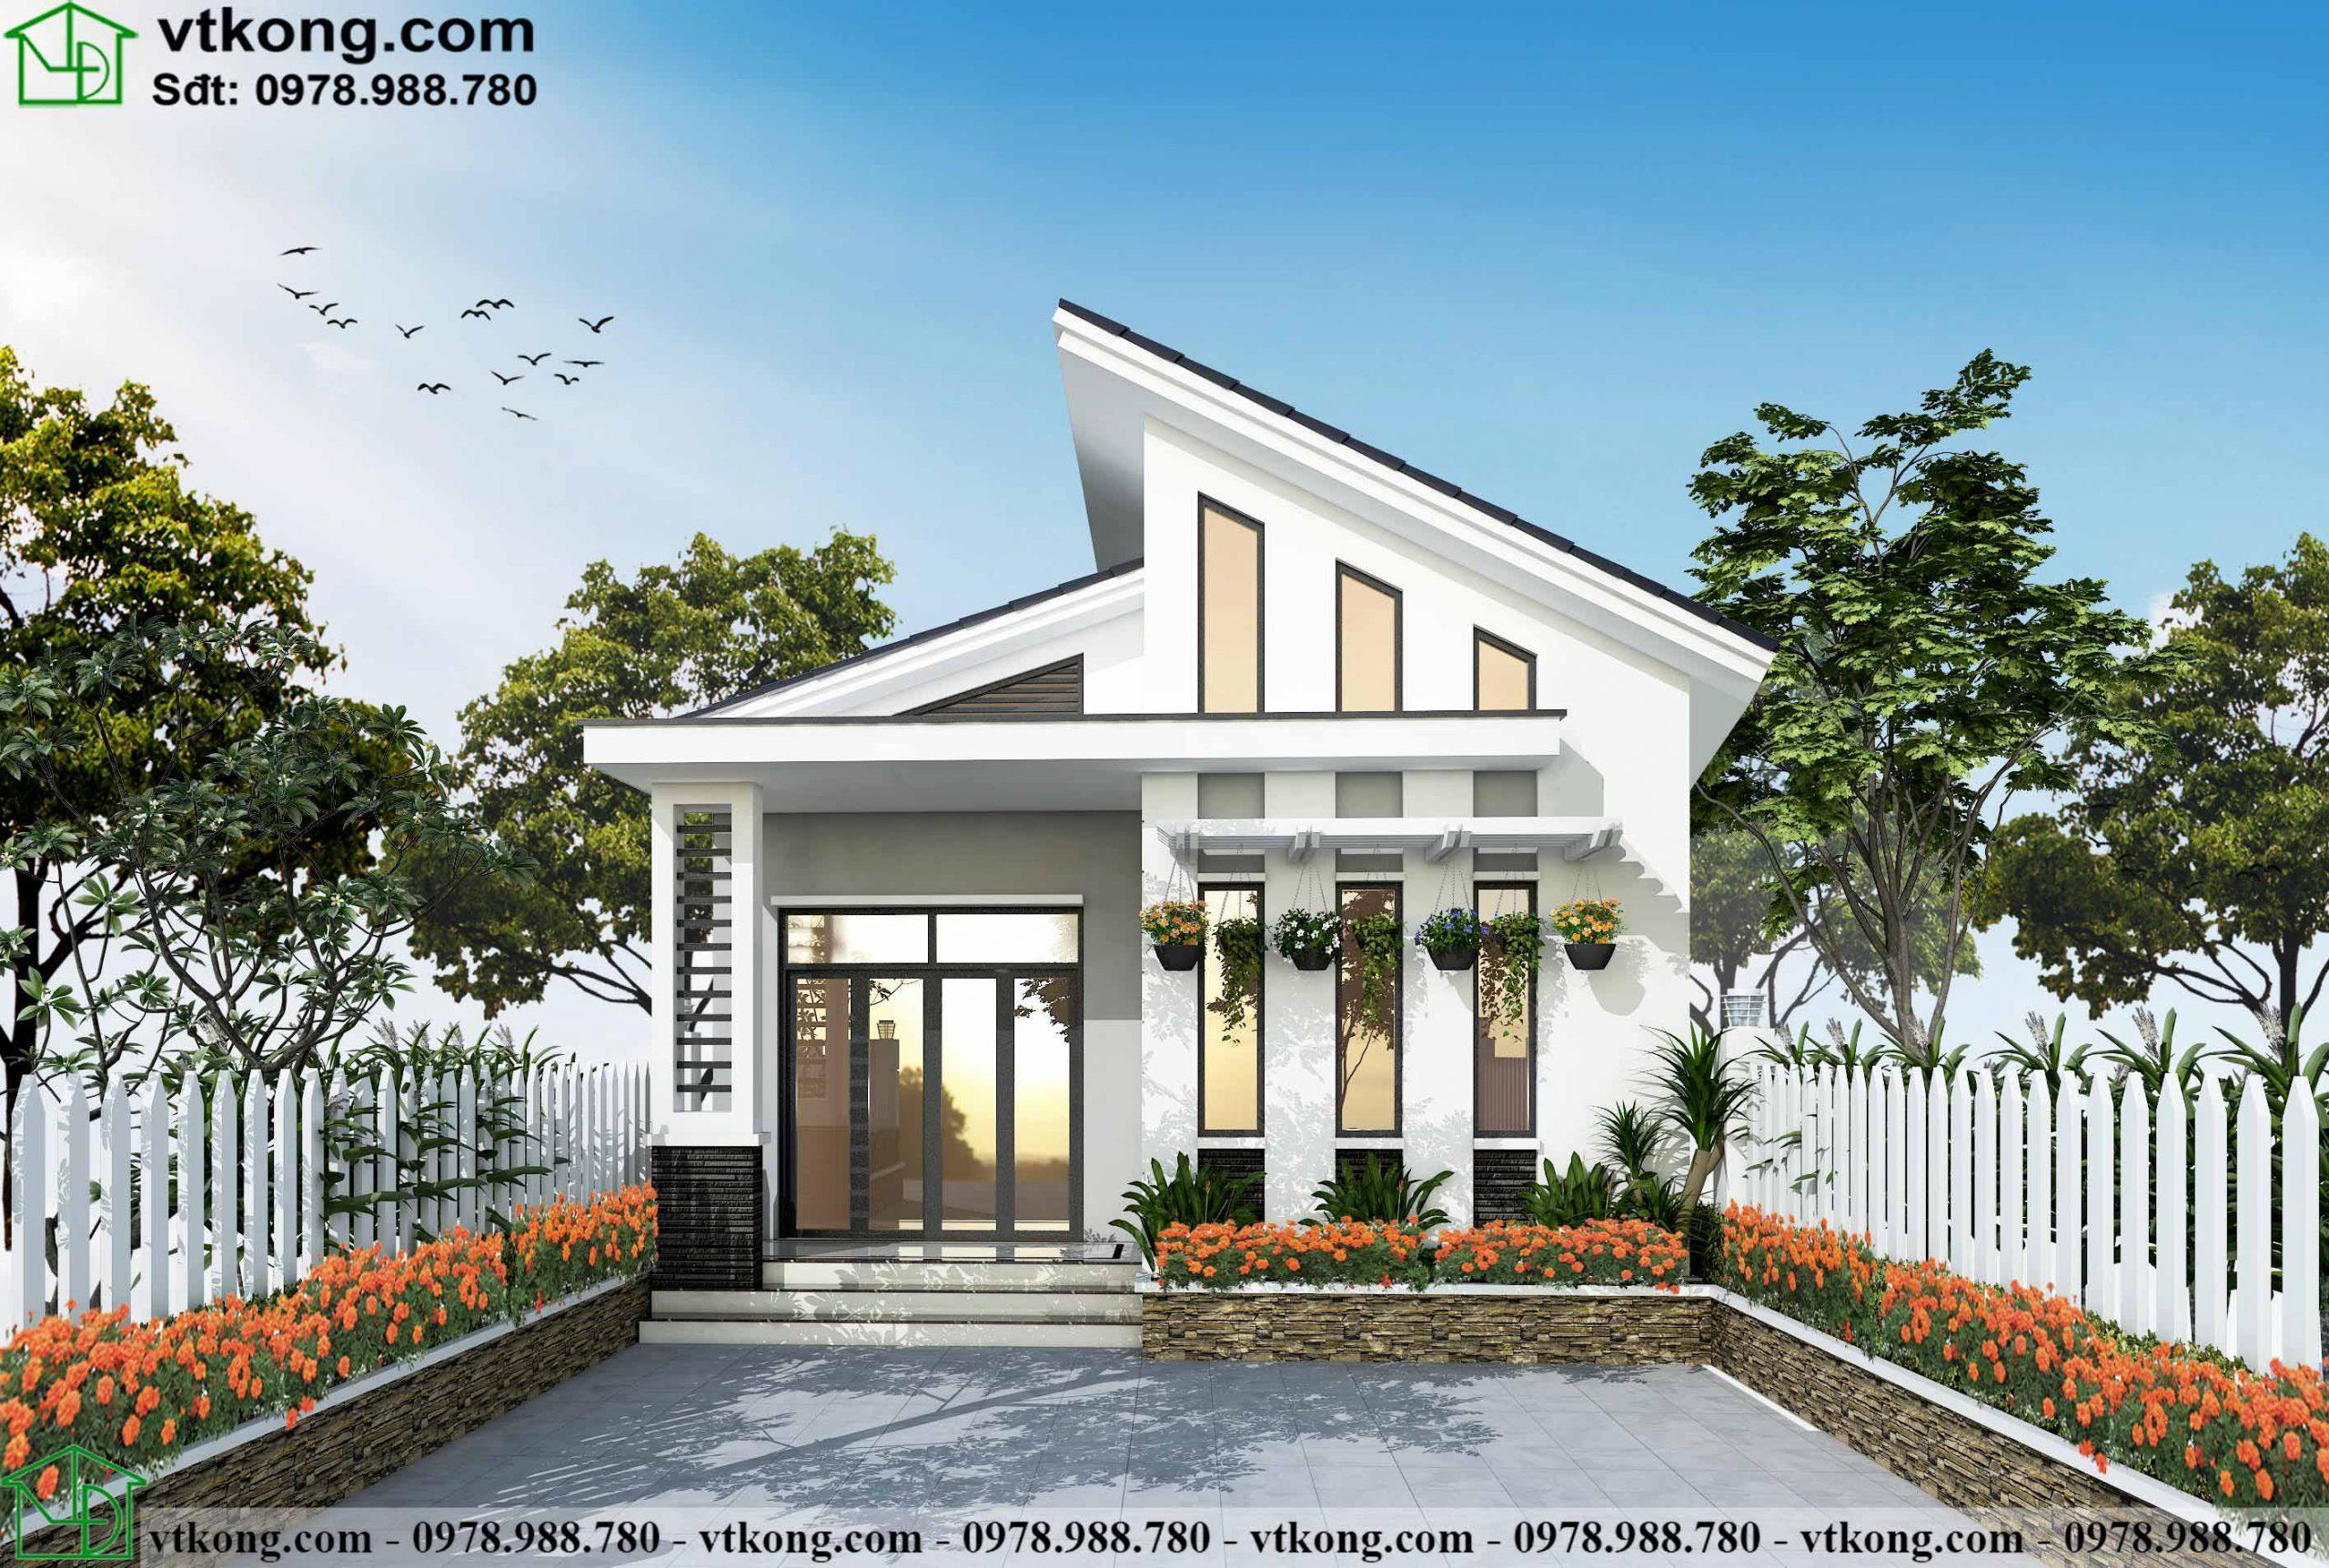 Nhà Cấp 4 Mái Lệch 3 Phòng Ngủ 7x13m Tại Vĩnh Phúc